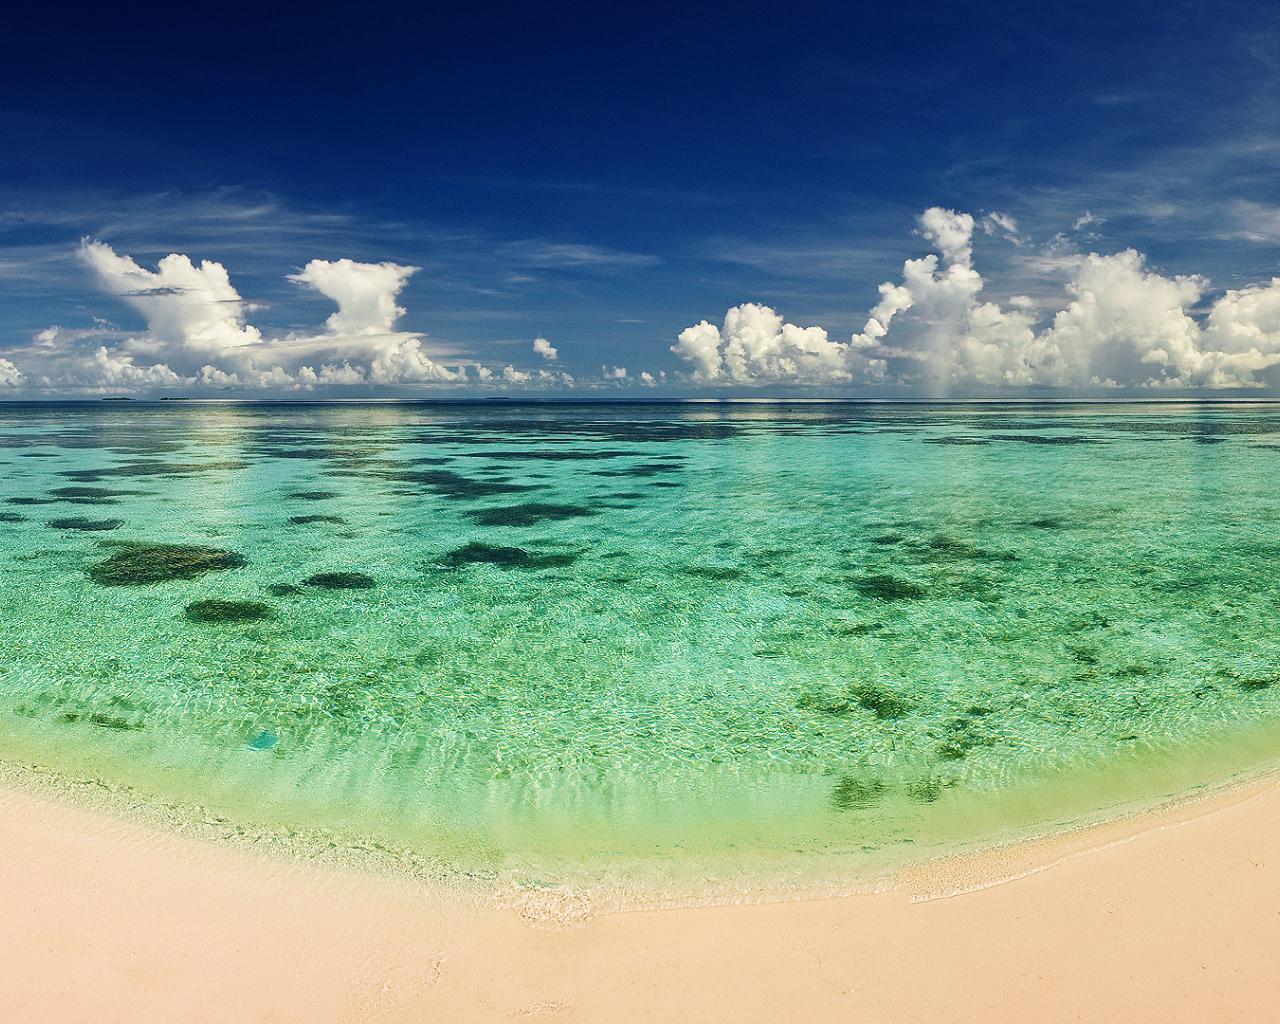 20985 скачать обои Пейзаж, Море, Облака, Пляж - заставки и картинки бесплатно